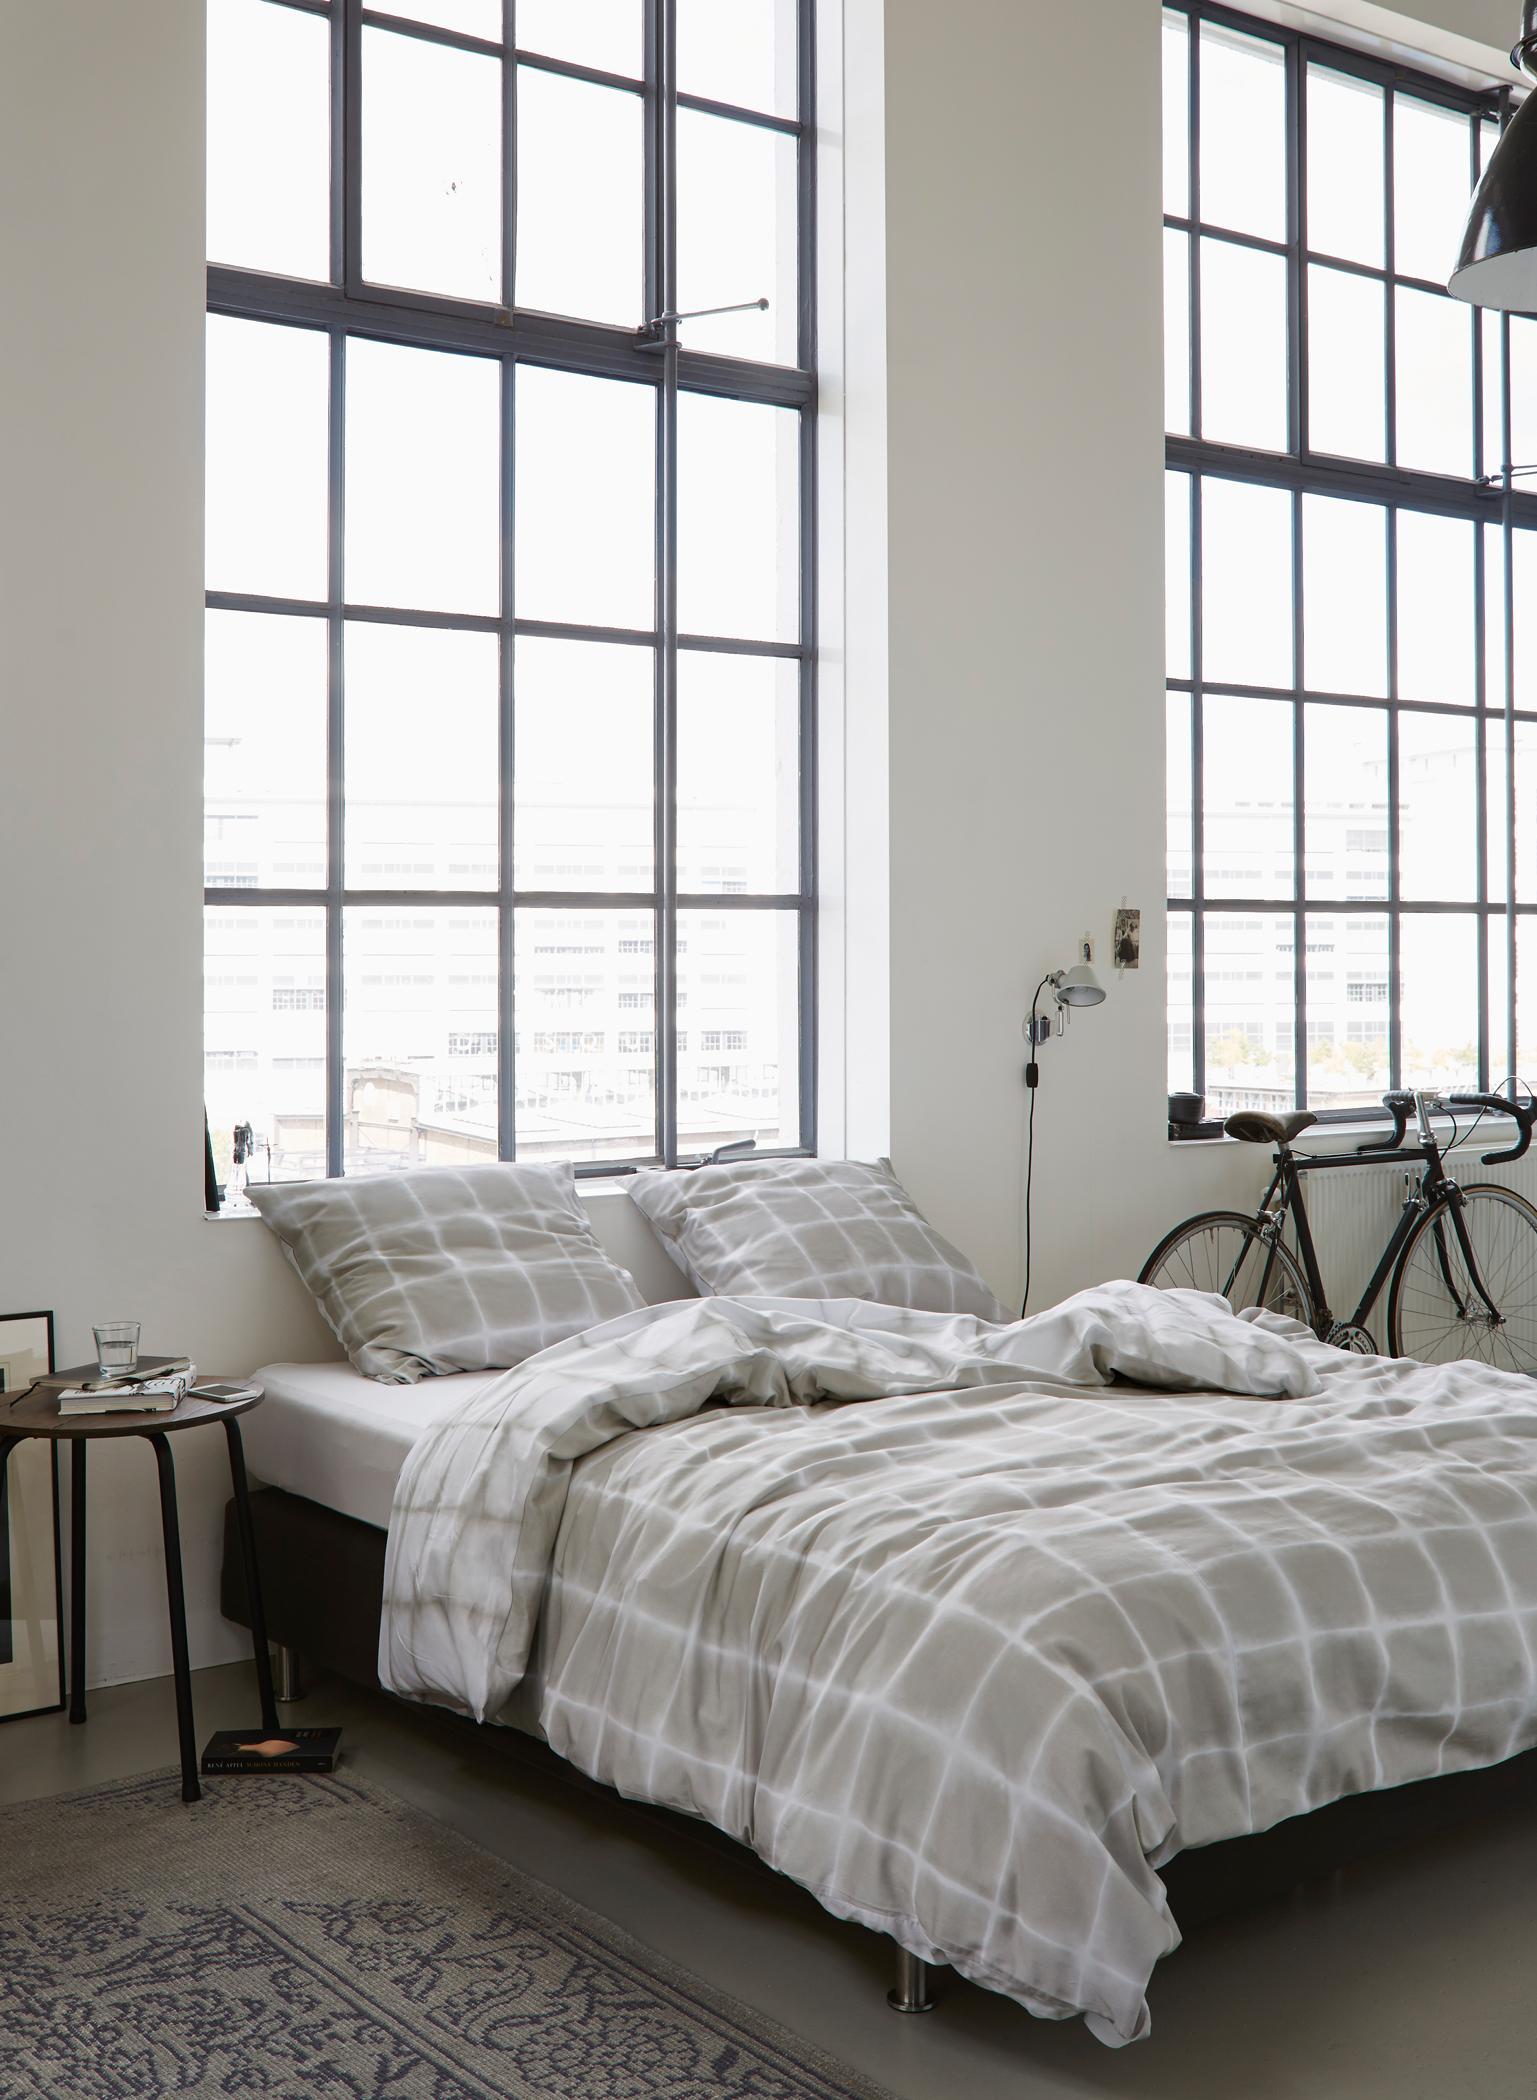 Full Size of Schlafzimmer Gestalten Ruhige Einrichtungsideen Teppich Deckenleuchte Modern Komplett Mit Lattenrost Und Matratze Kommoden Kommode Set Weiss Wiemann Eckschrank Wohnzimmer Schlafzimmer Gestalten